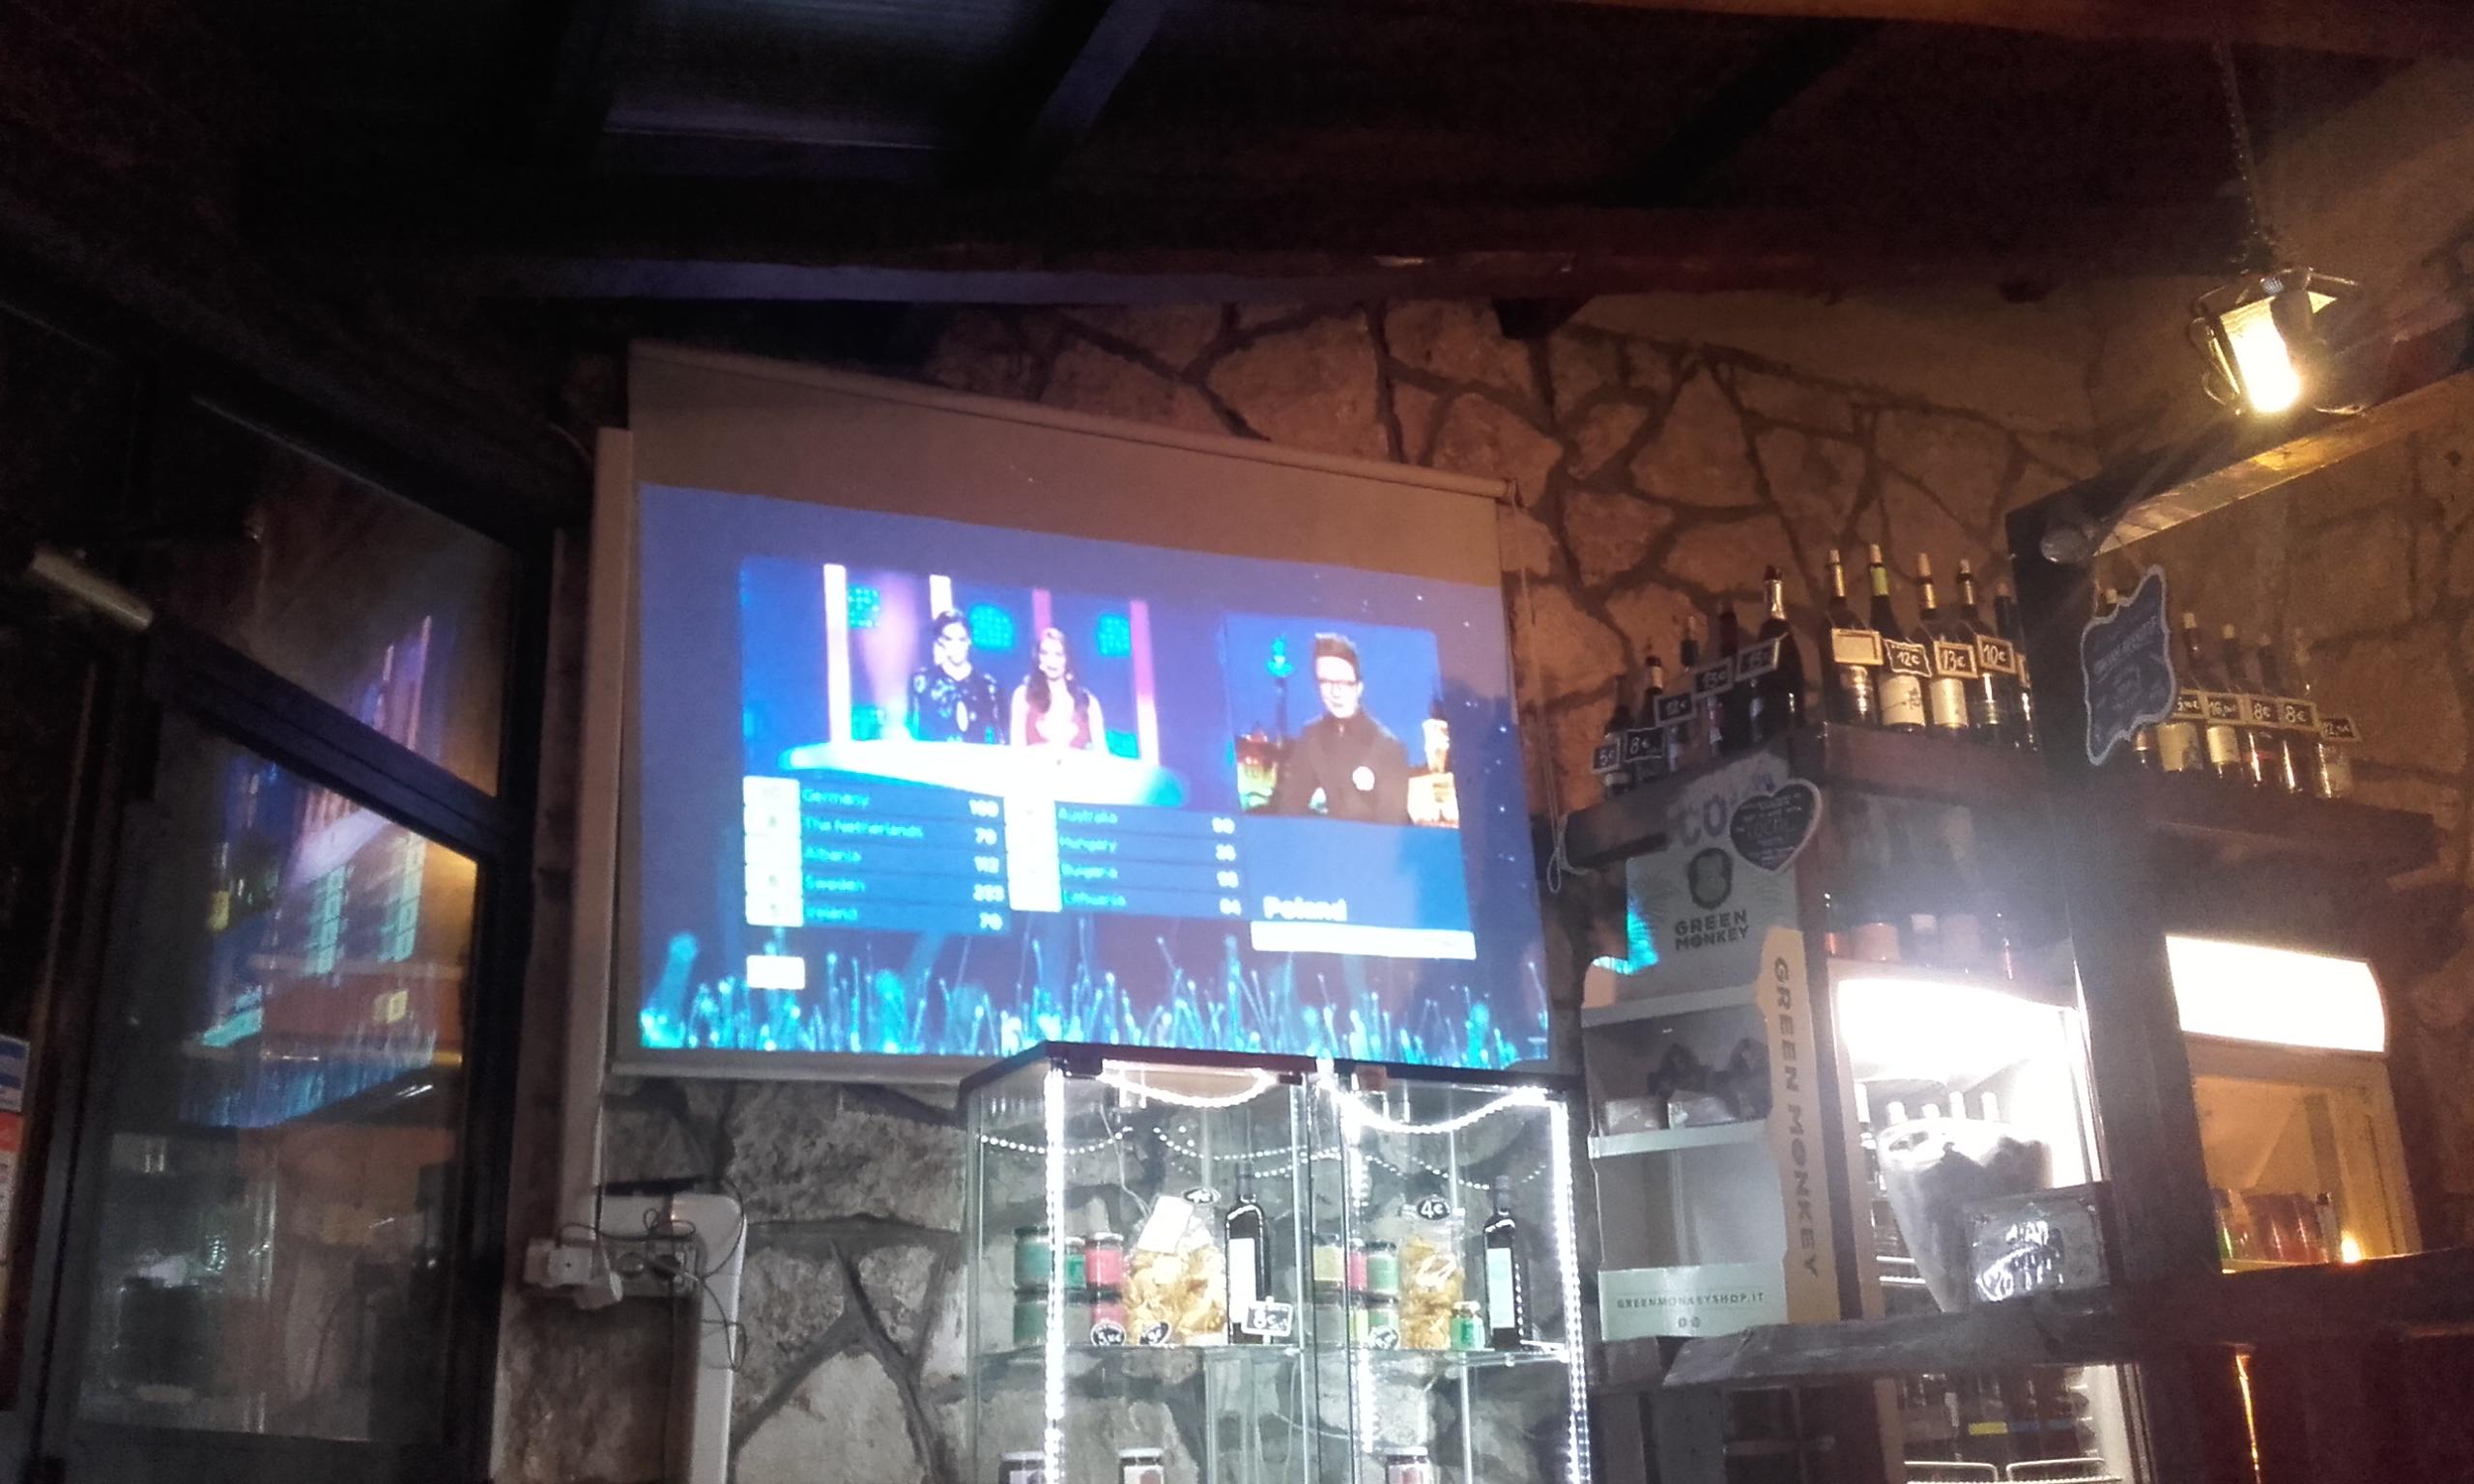 Últimos momentos antes de anunciar el/la ganador/a de Eurovisión